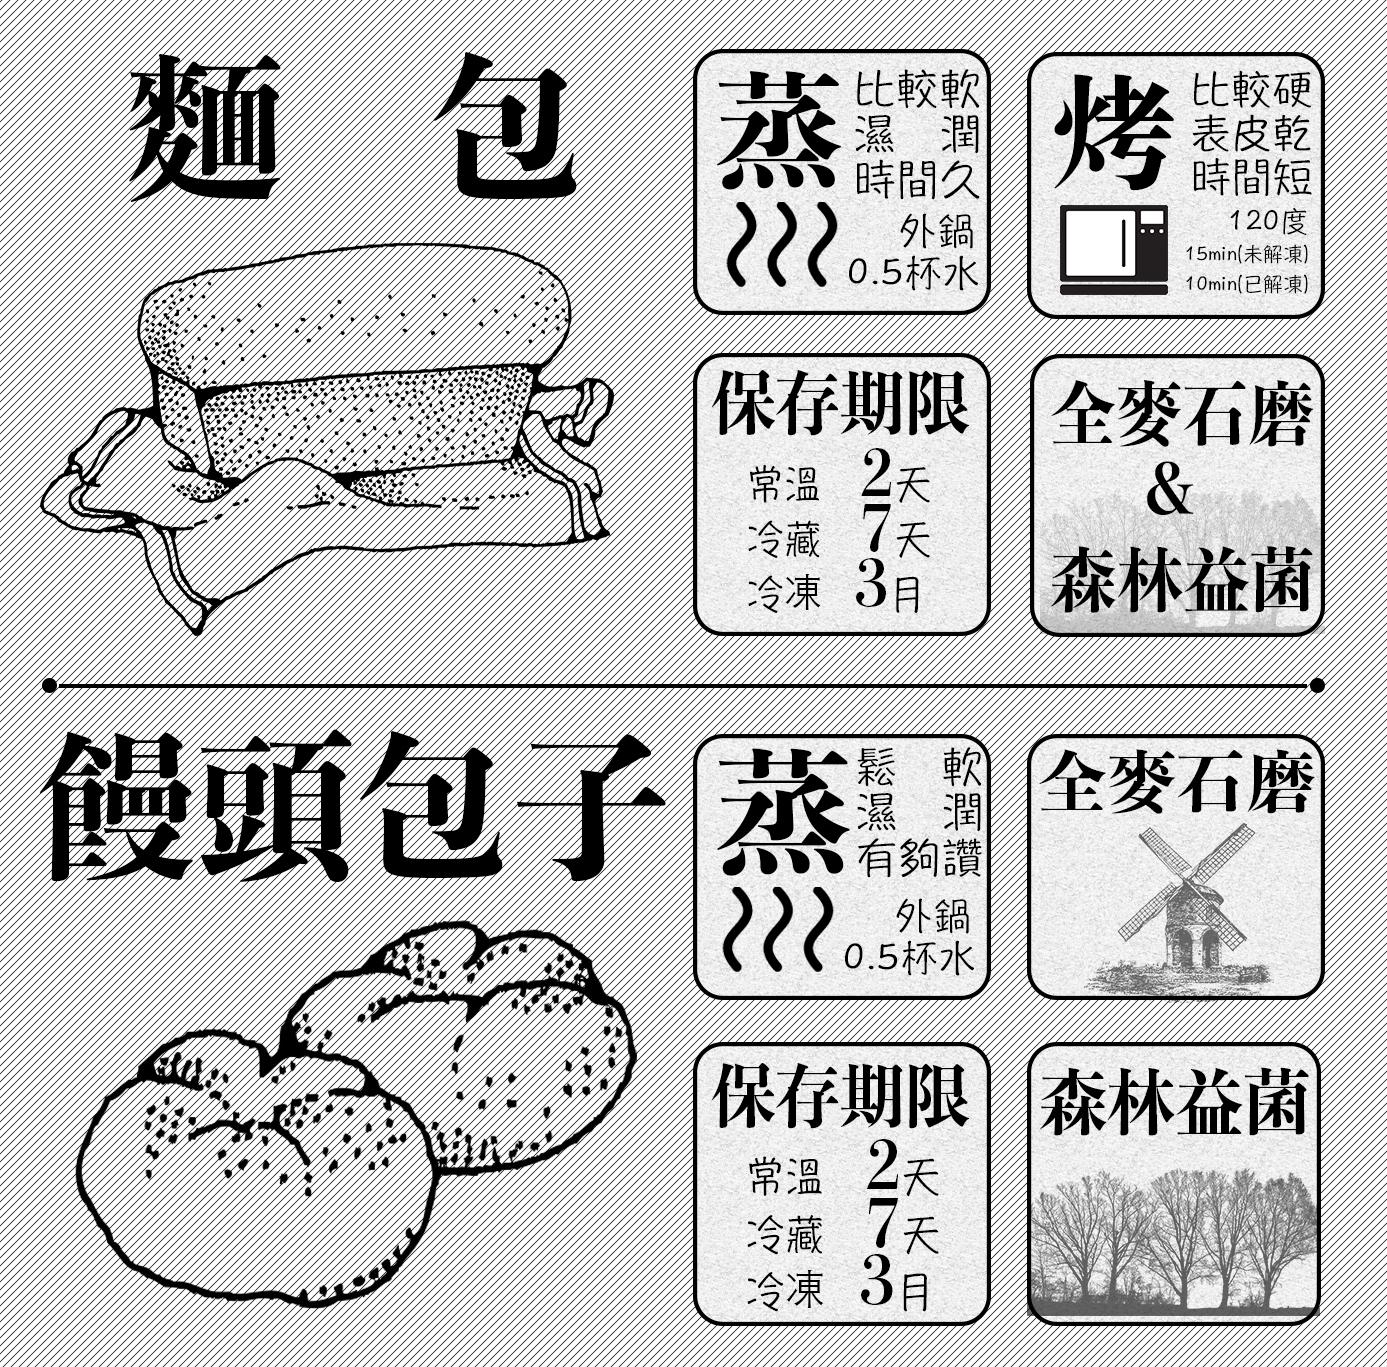 麵包饅頭使用方法6.jpg